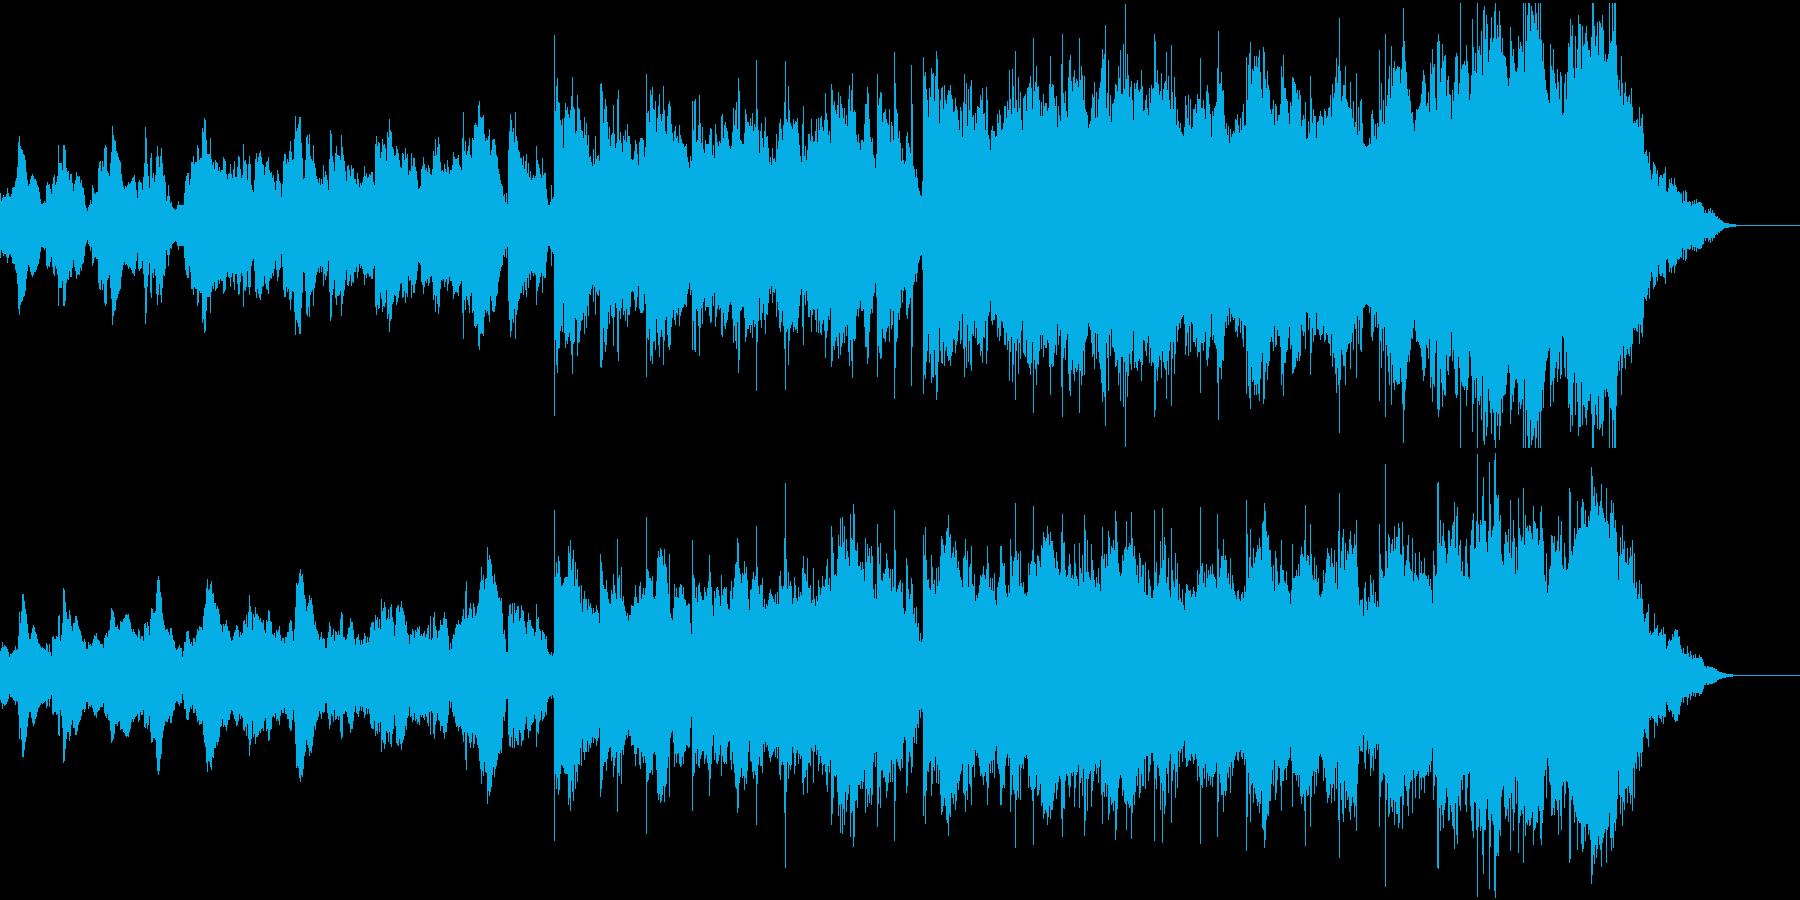 官能的で物憂げなヴァイオリン曲の再生済みの波形